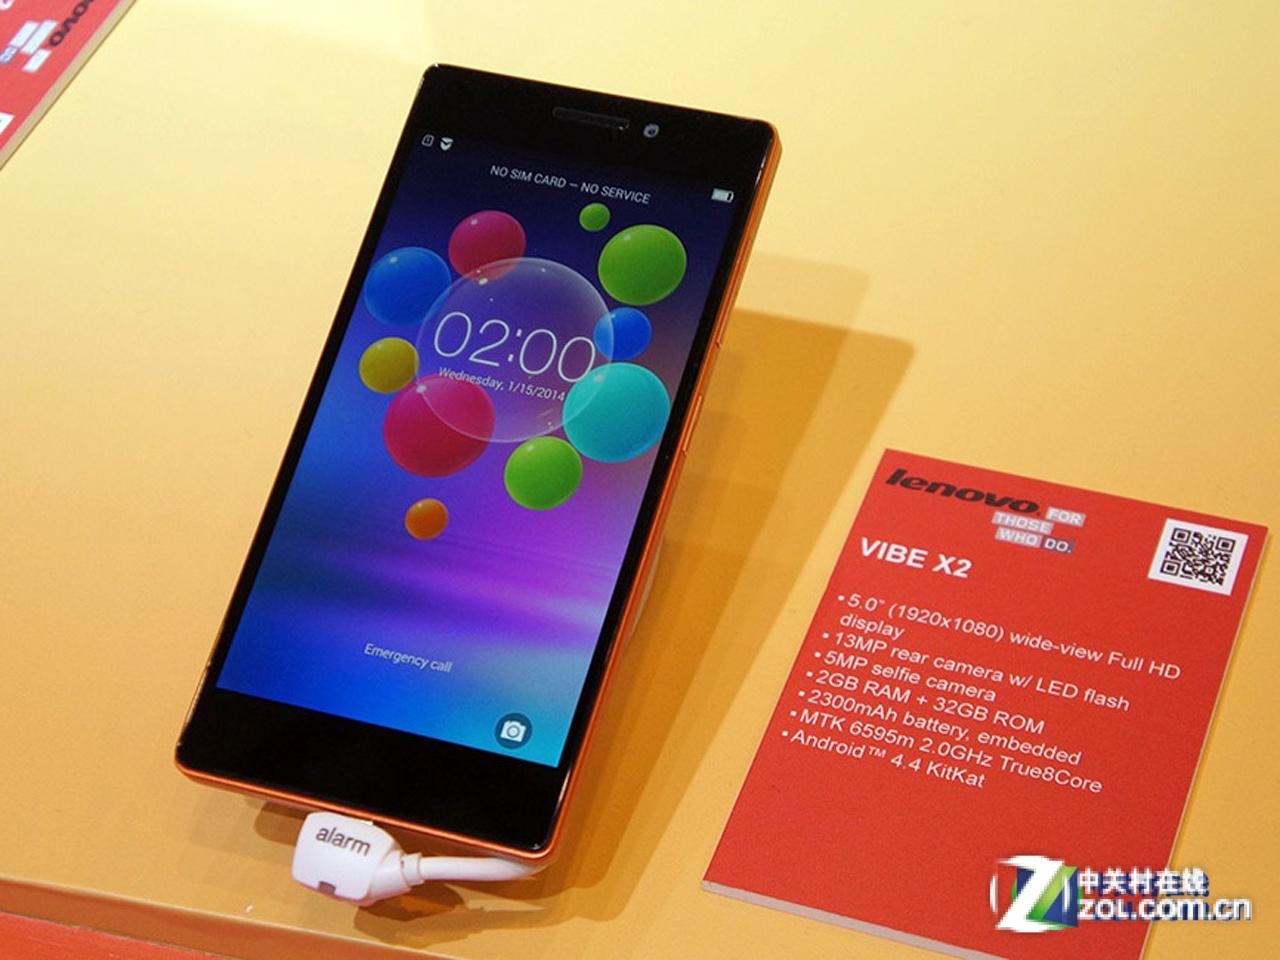 联想手机x2即将开售 2499元价格很给力图片